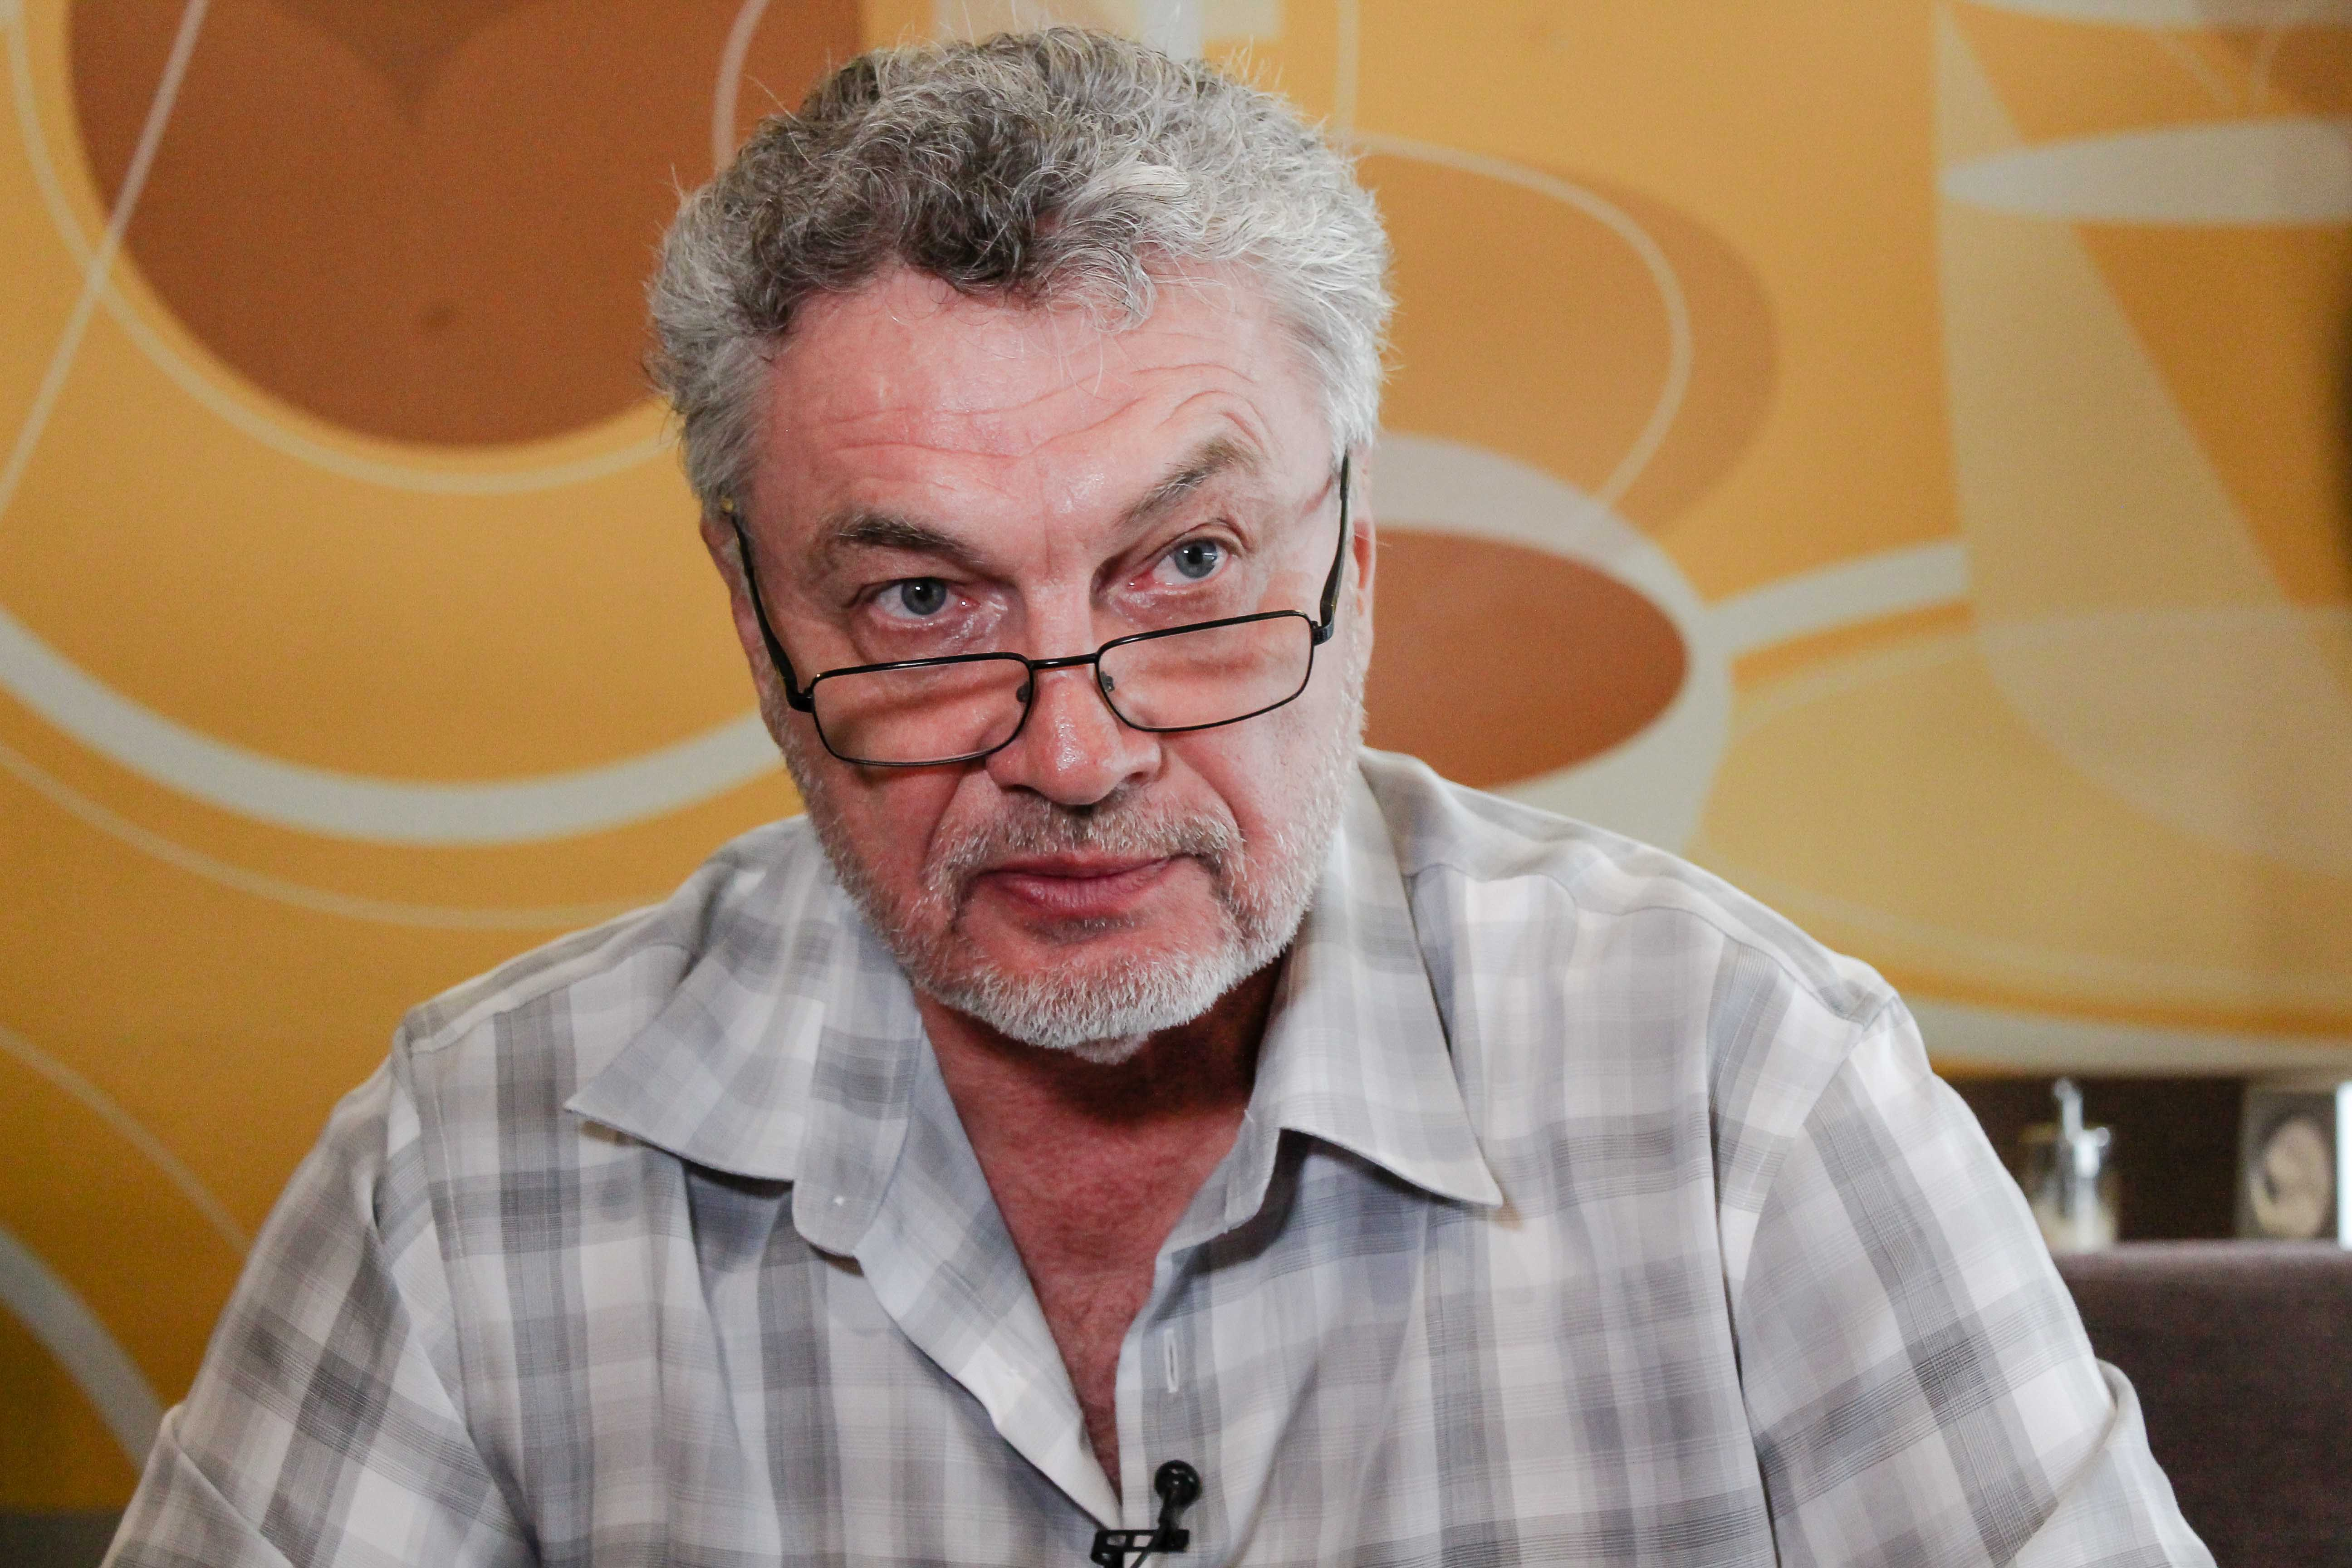 Военный корреспондент и писатель Сергей Лойко рассказал о своем новом романе, посвященном войне на Донбассе